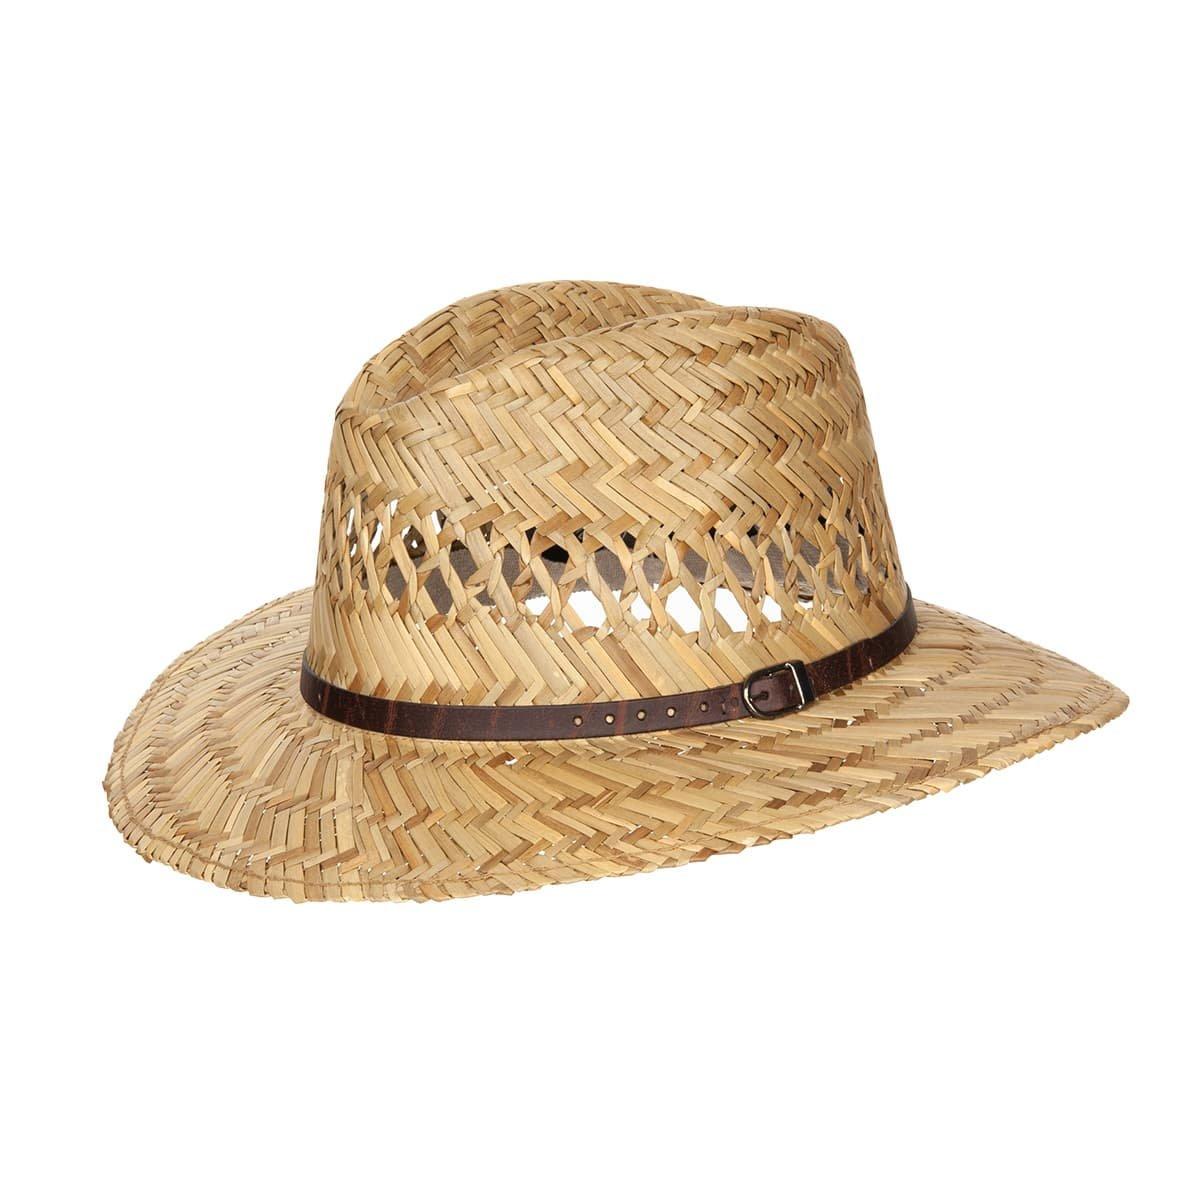 cappello di paglia firmato Hutter 02214daf036e